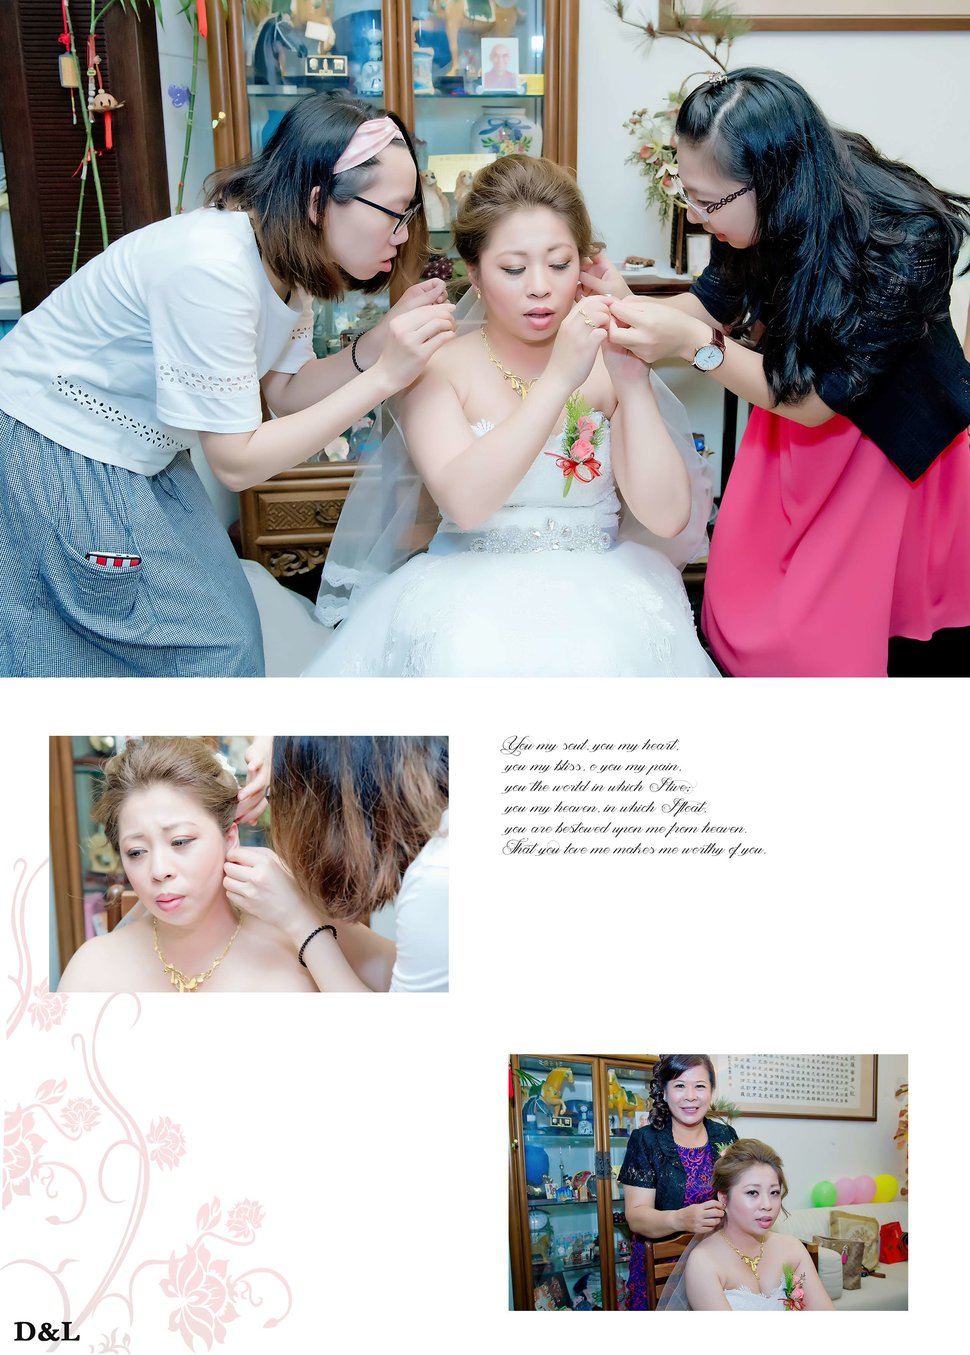 婚禮紀錄-敬添&綉芬(編號:253225) - D&L 婚禮事務-婚紗攝影/婚禮記錄 - 結婚吧一站式婚禮服務平台